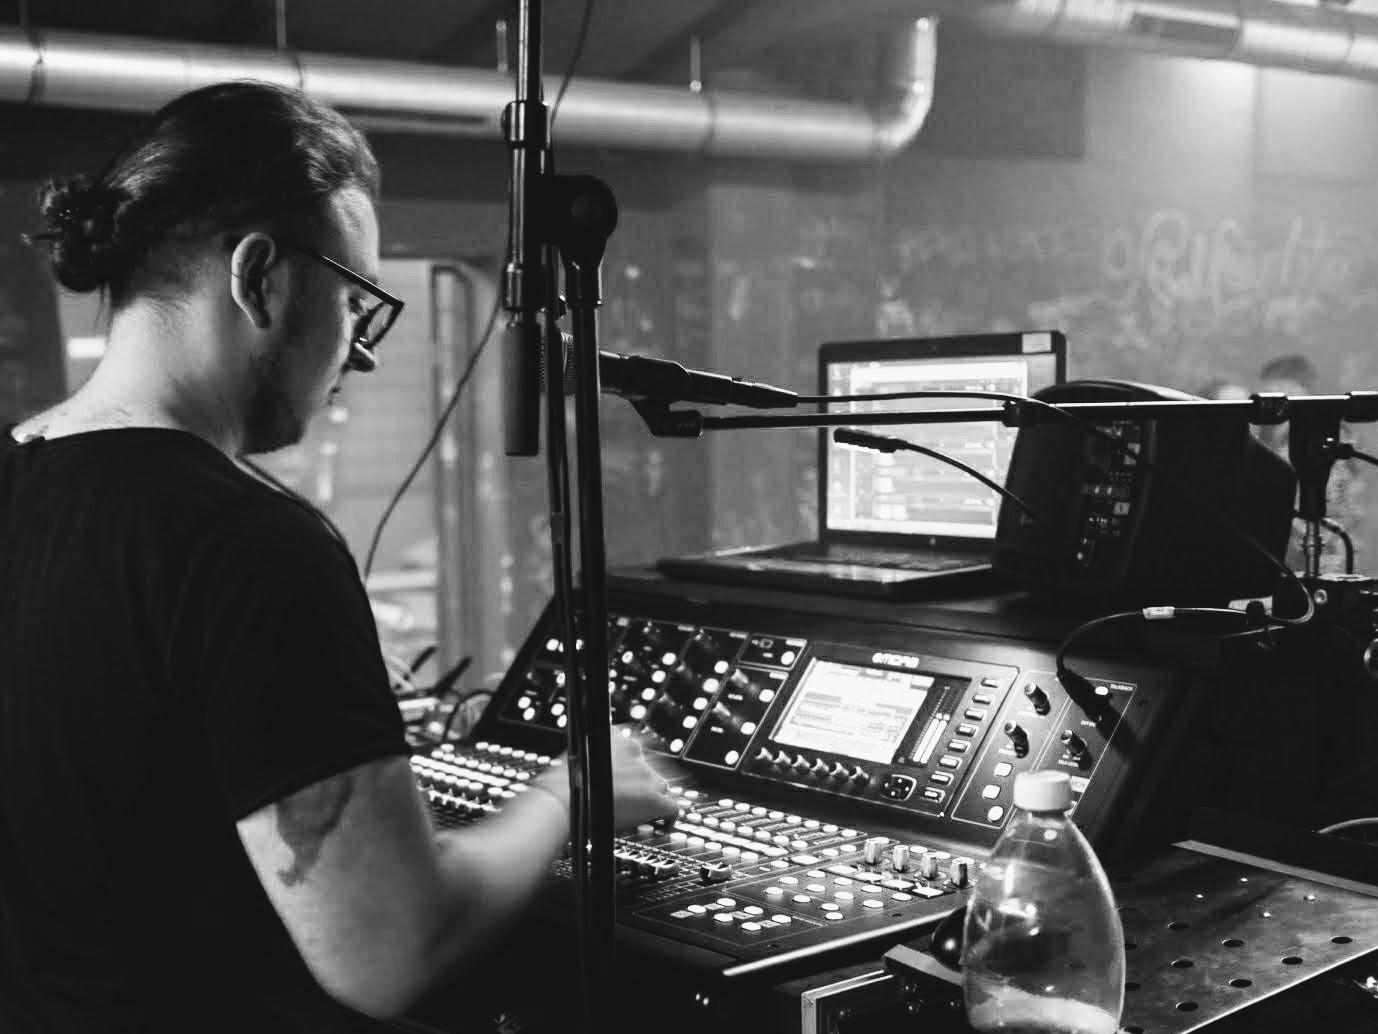 Als Tontechniker hatte sich Moritz Baumert bereits einen Namen in der Branche gemacht.